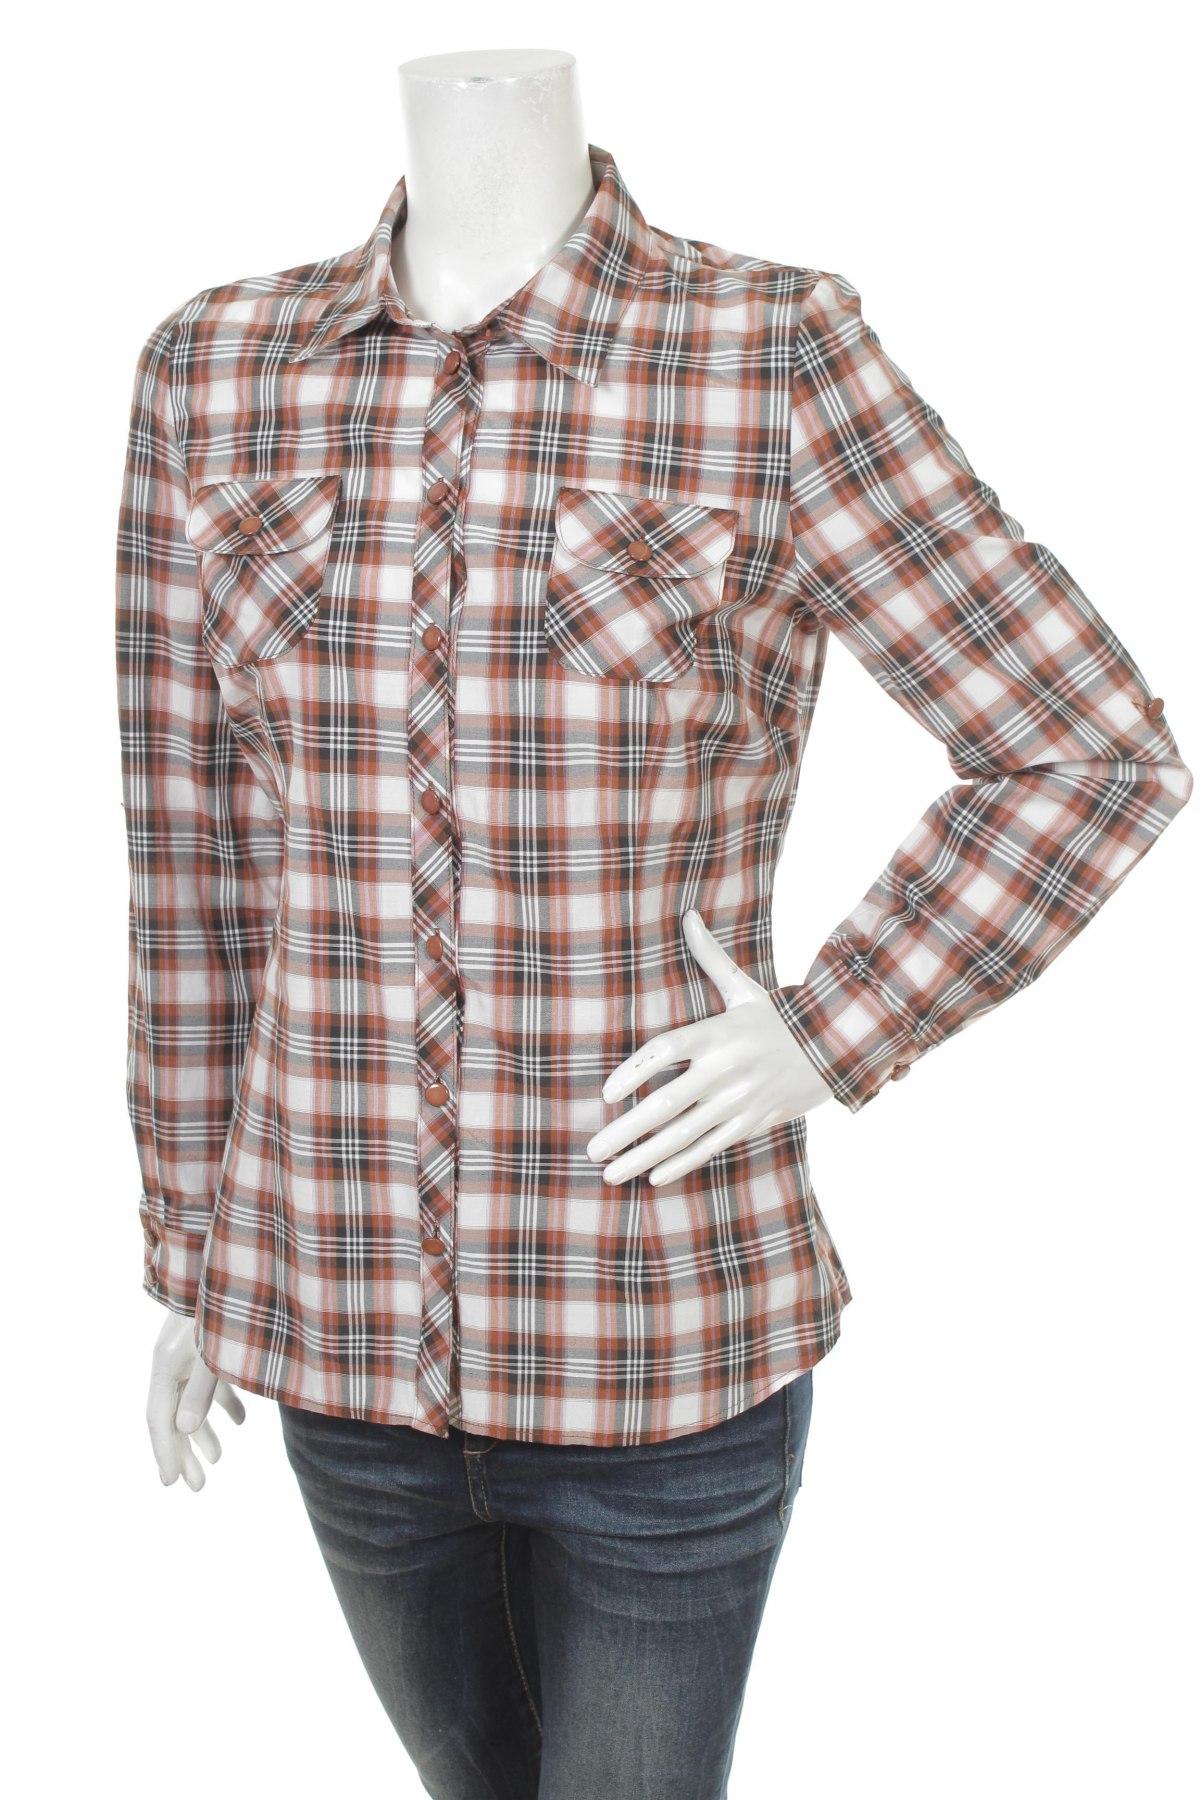 Γυναικείο πουκάμισο Corley